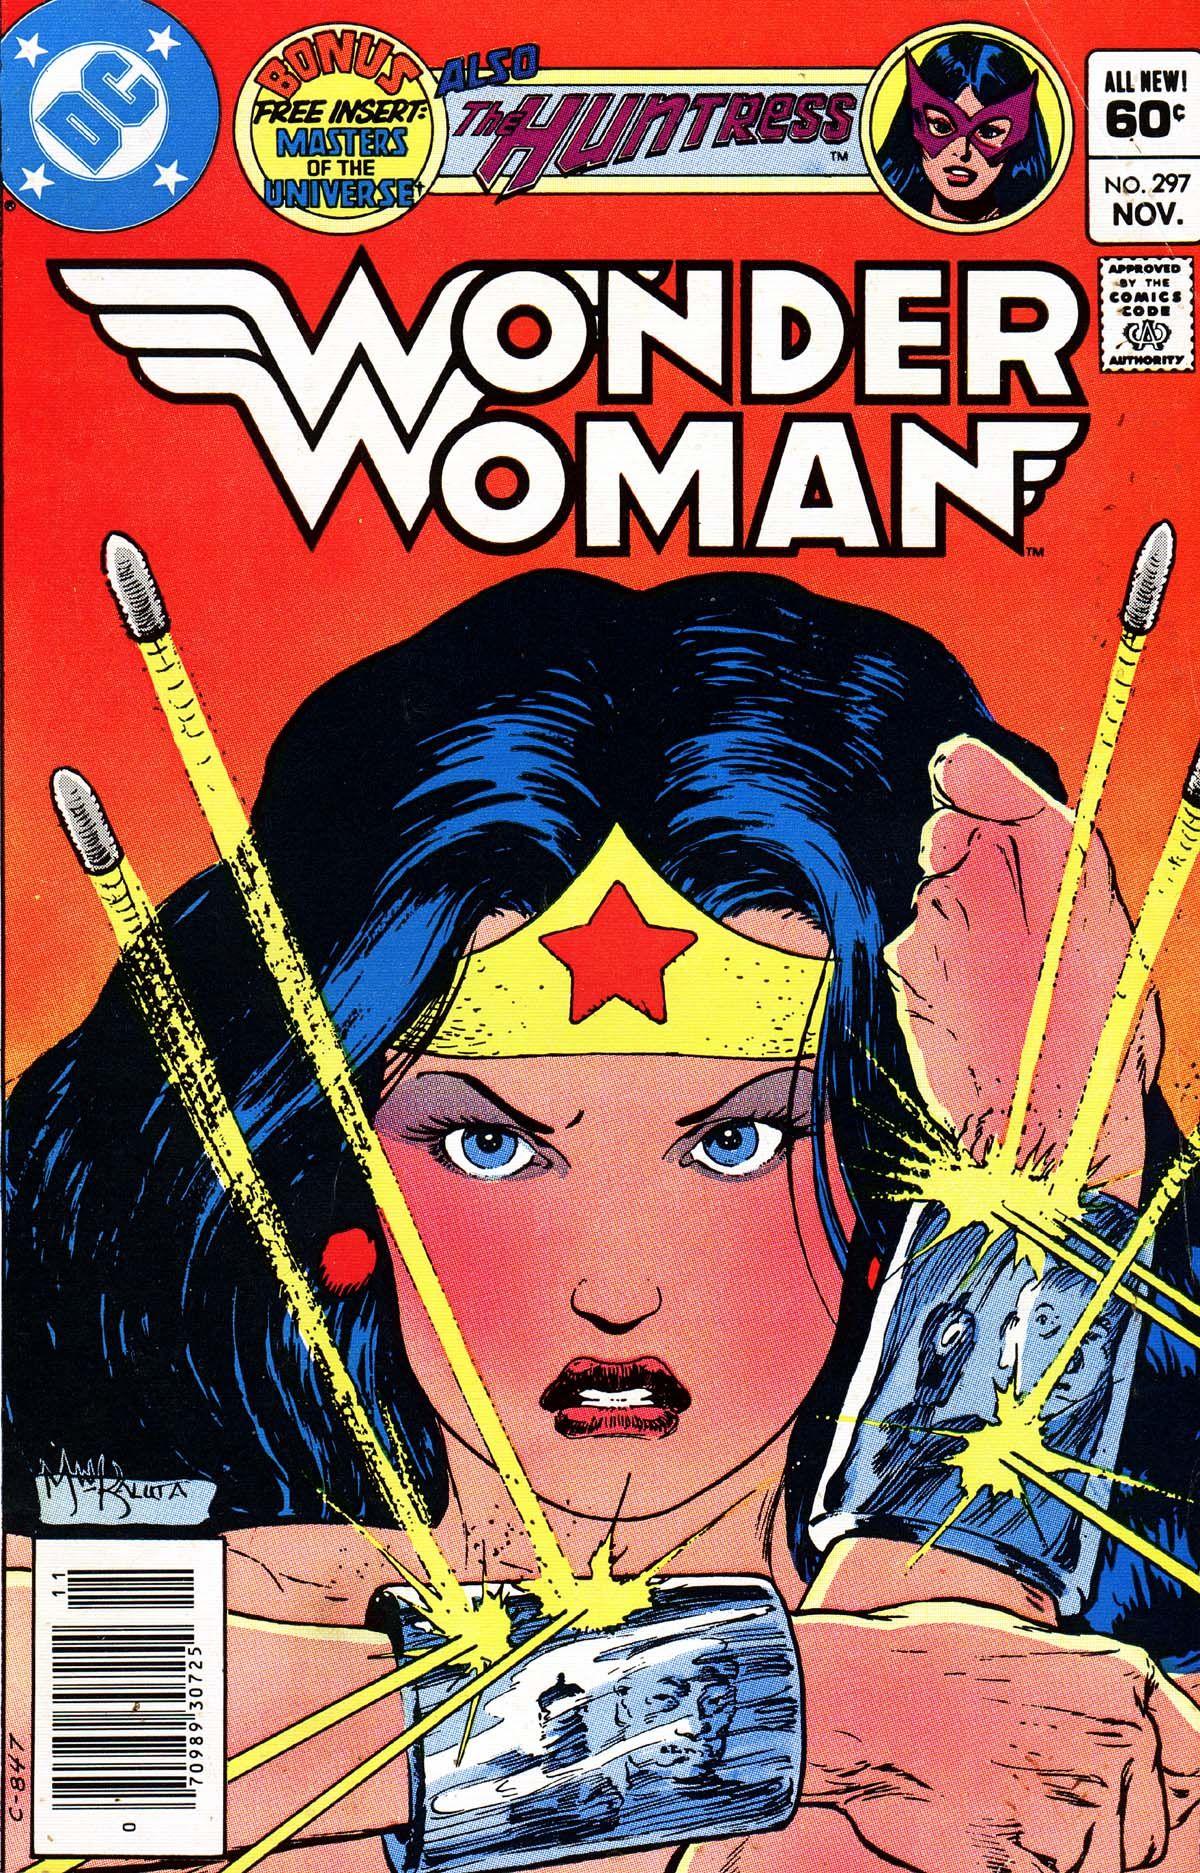 Wonder Woman No.297 (November 1982)